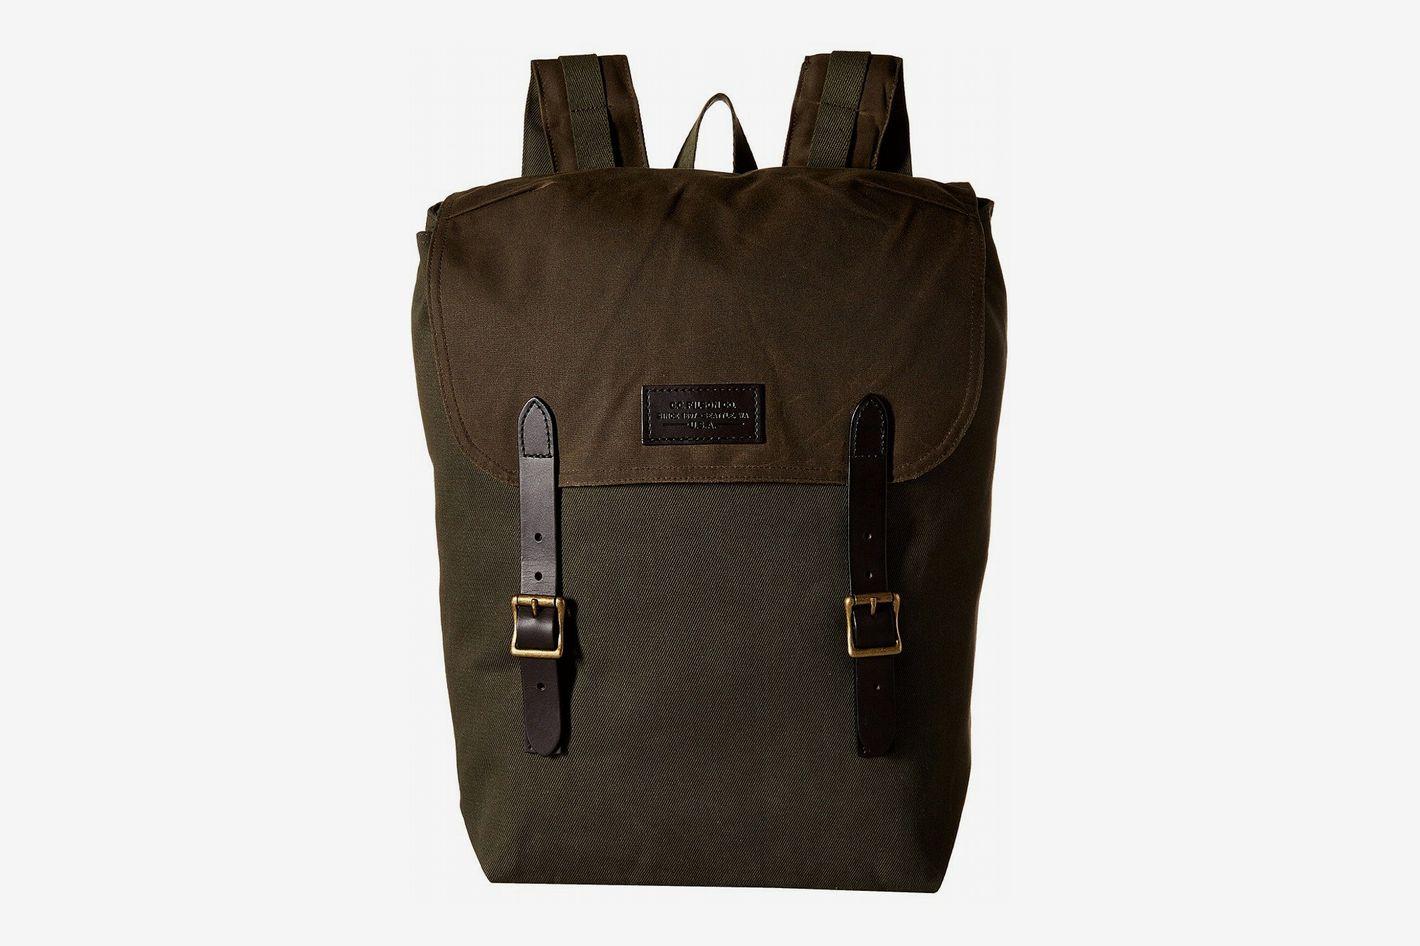 FilsonRanger Backpack, Otter Green